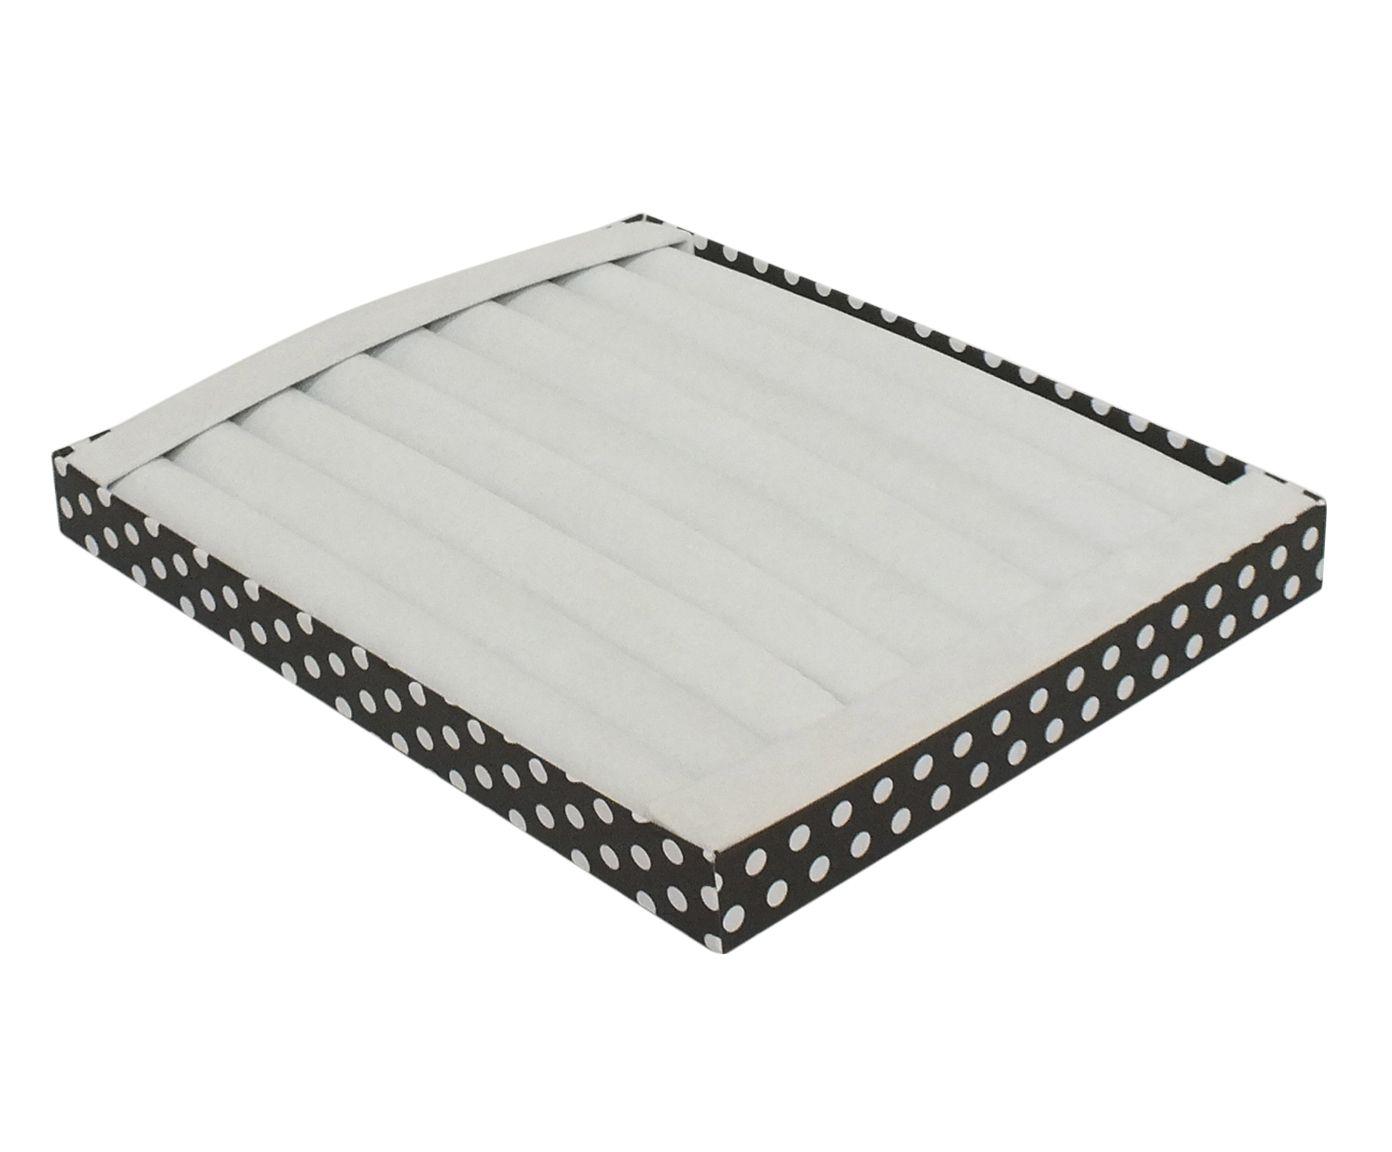 Bandeja Organizadora para Anéis Bolas Branca - 31X3,5X26cm | Westwing.com.br